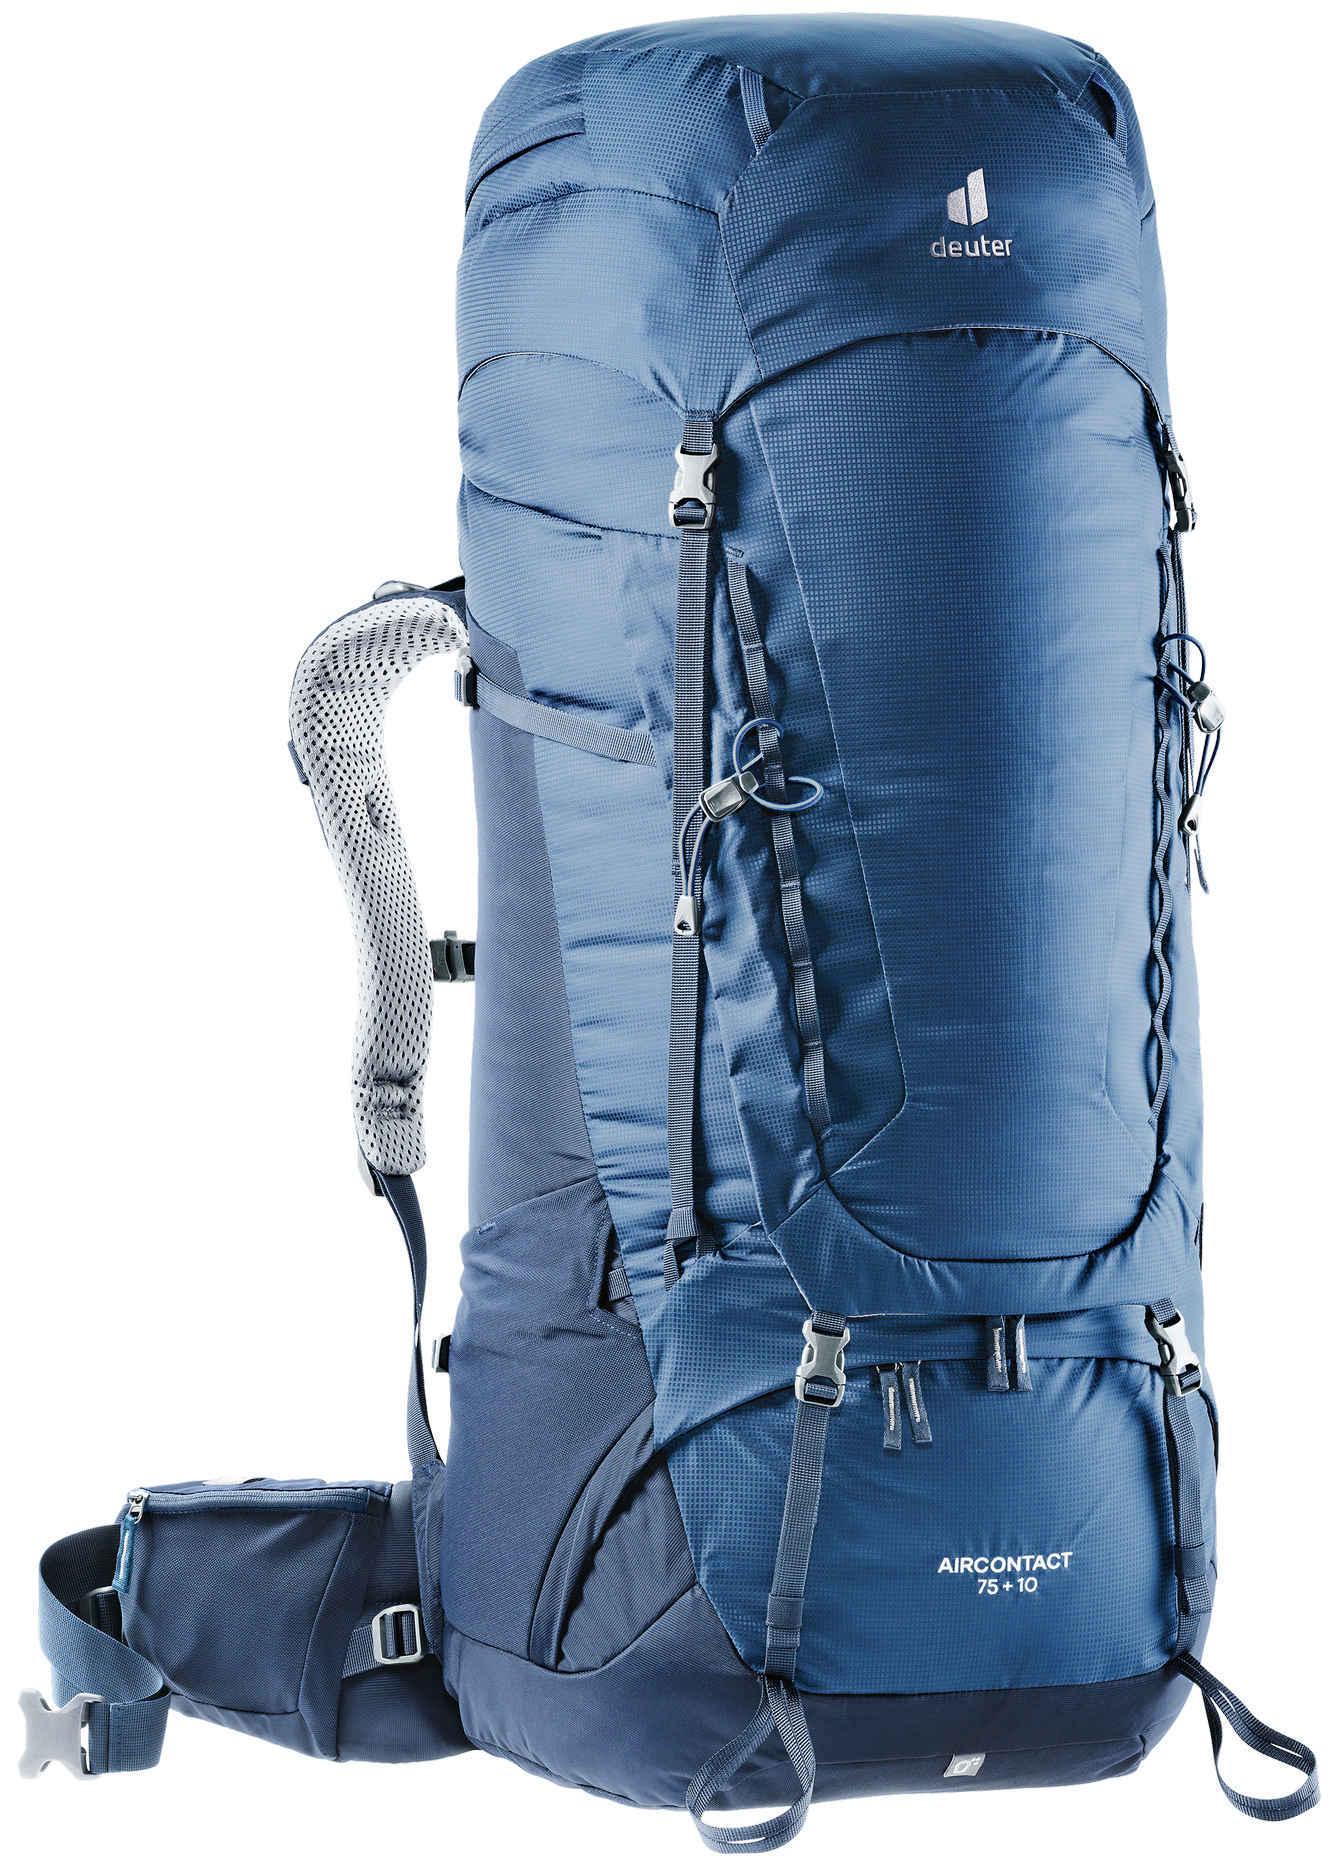 Туристические рюкзаки большие Рюкзак Deuter Aircontact 75+10 (2021) 3320621-3365-Aircontact75u10-s19-d0.jpg